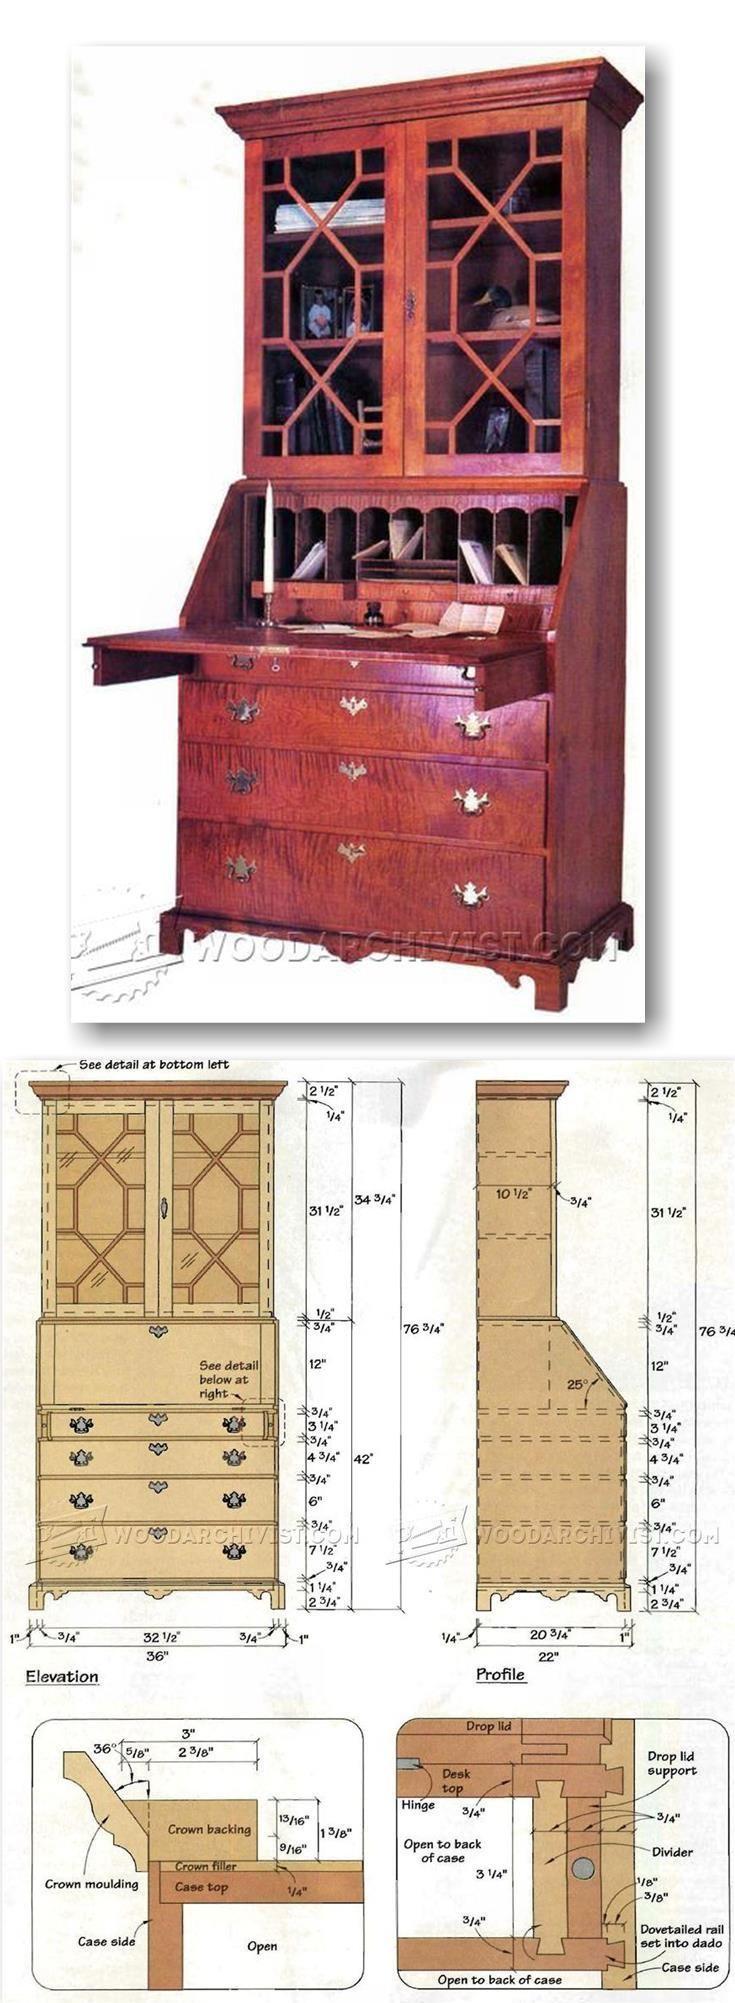 Chippendale Secretary Desk Plans - Furniture Plans and Projects | WoodArchivist.com